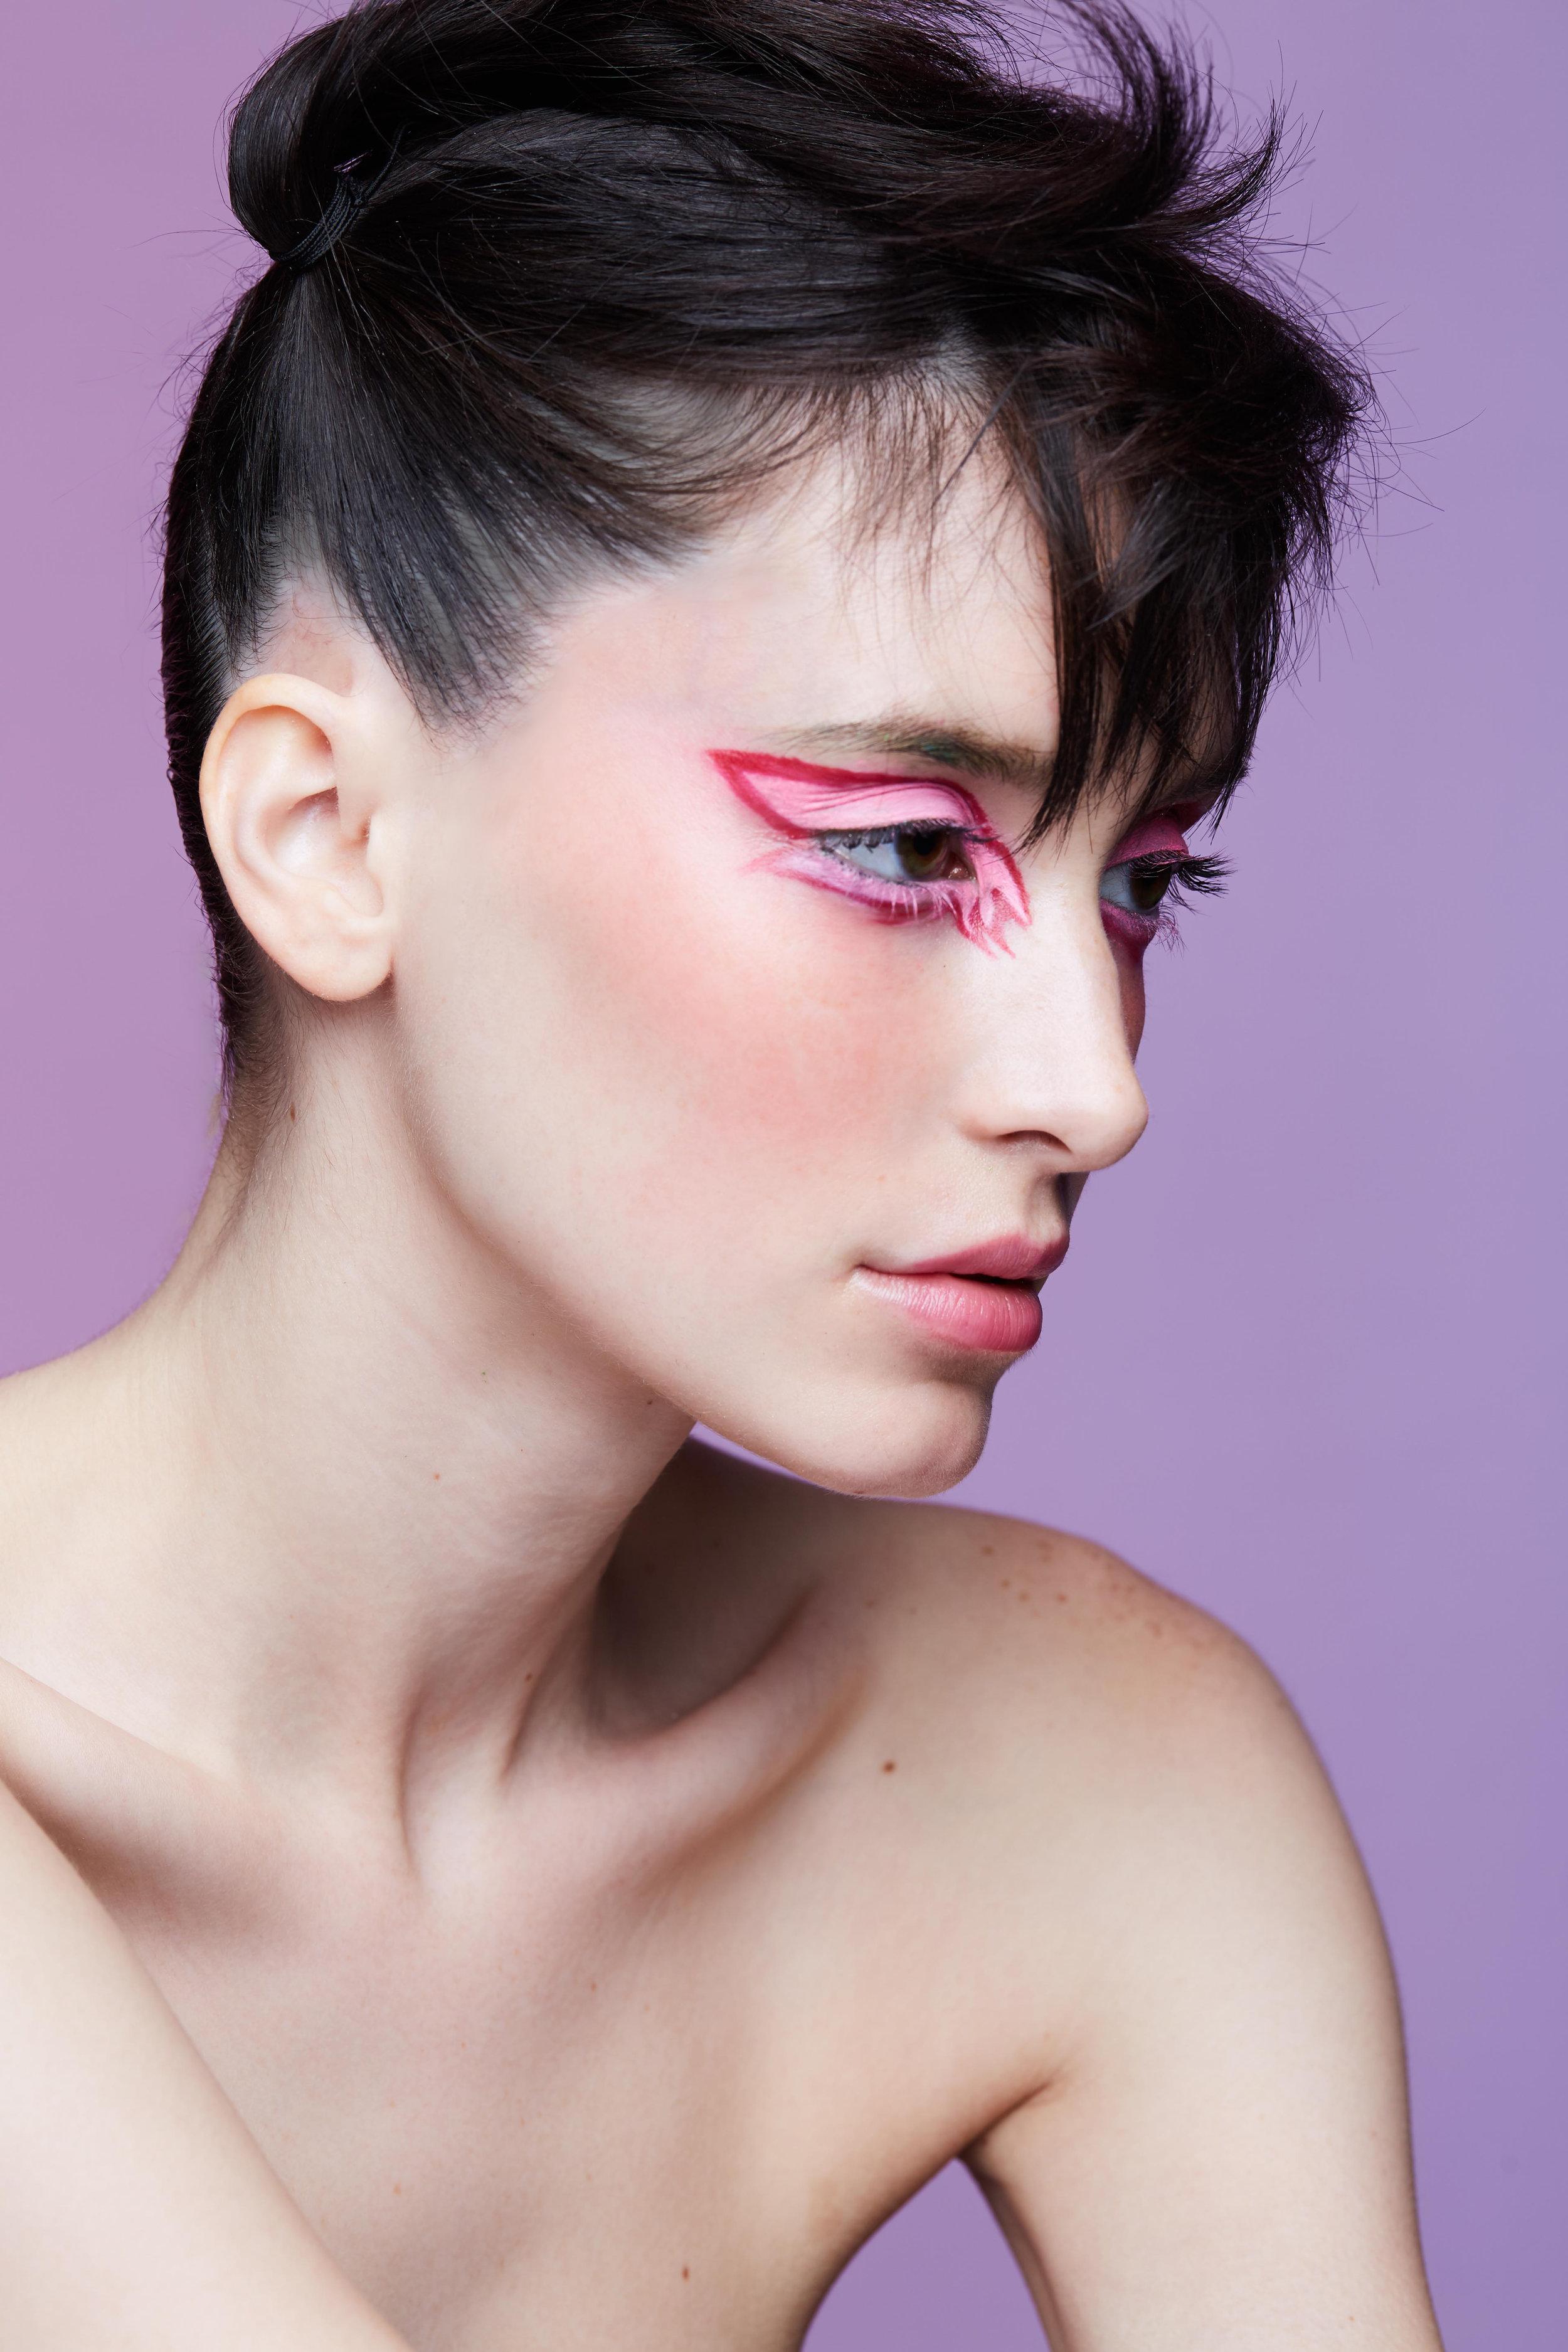 Hair by Dan Nguyen, Makeup by Sasha Safdiah. Shot by James Lee Wall.